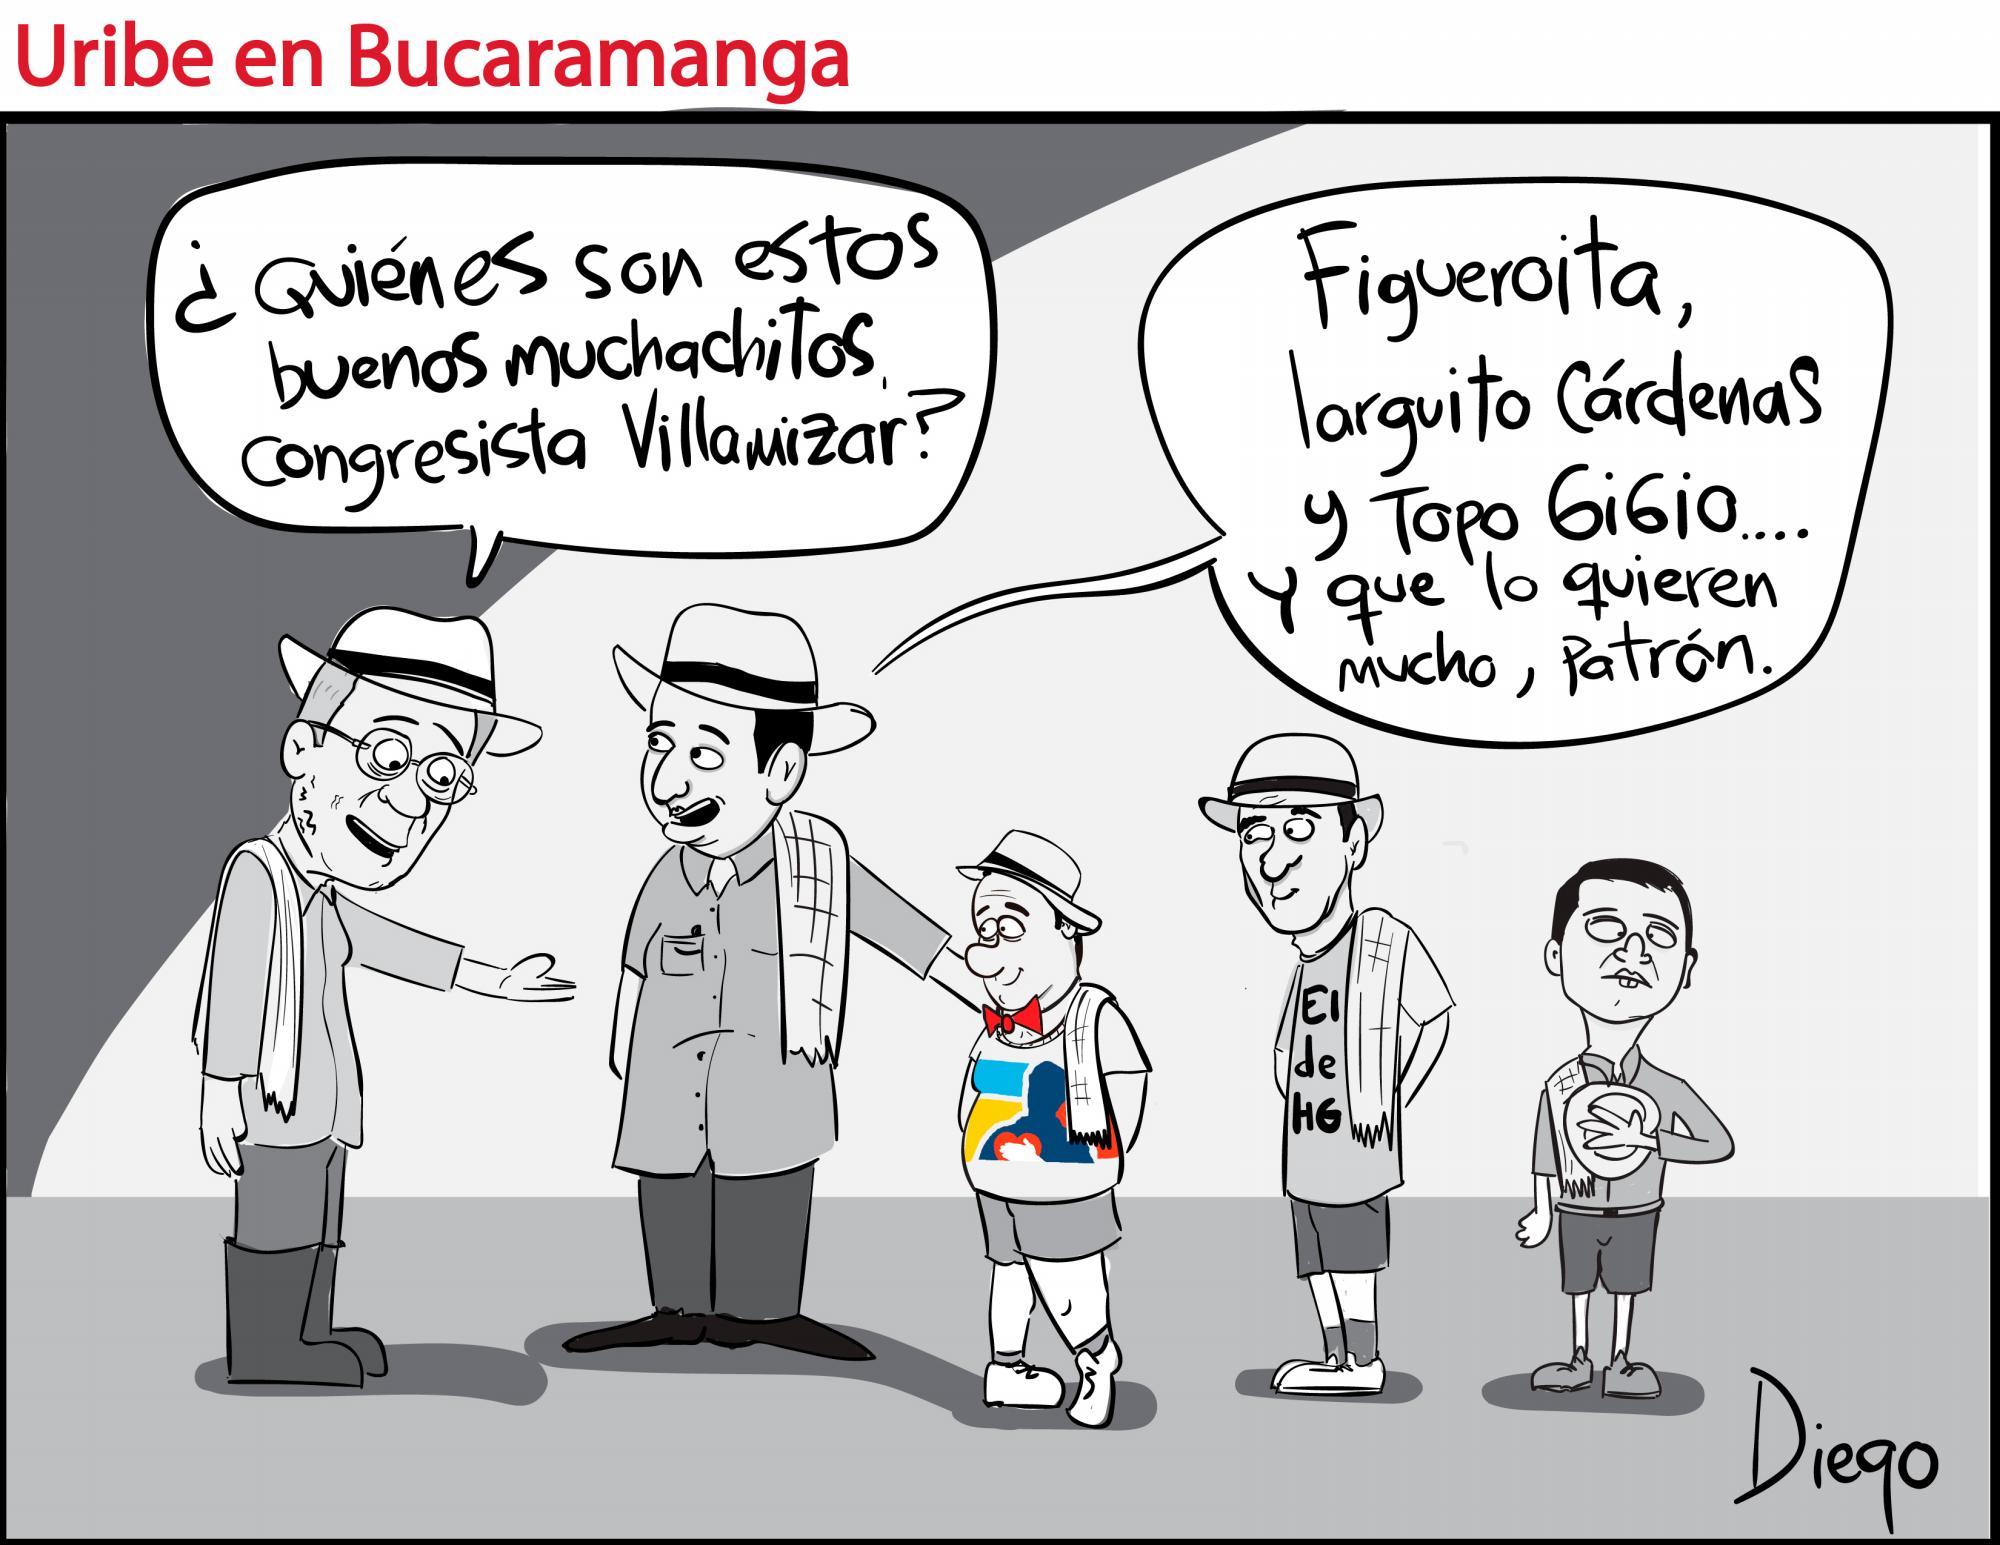 Uribe en Bucaramanga